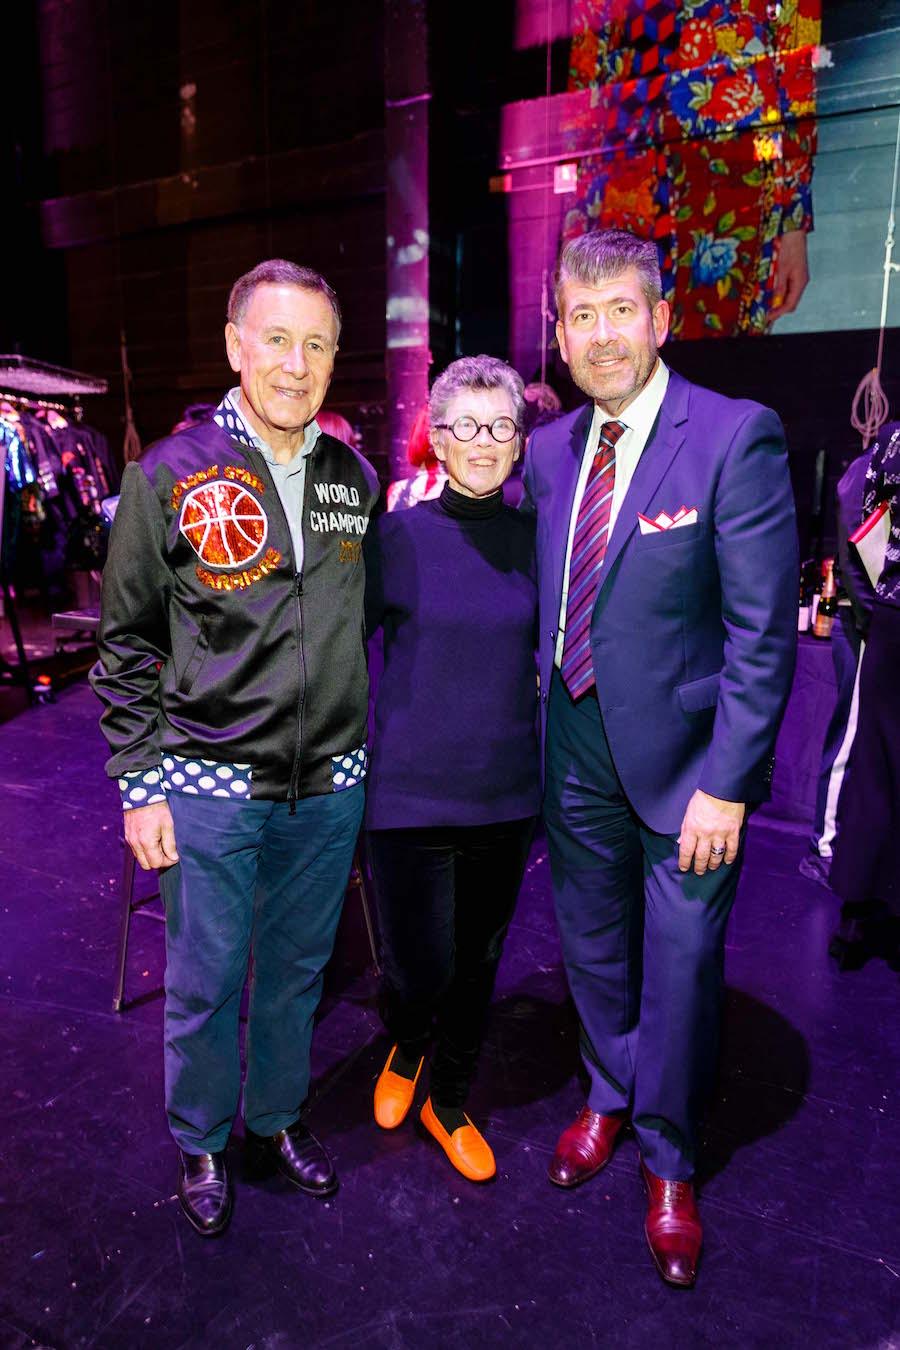 Carl Pascarella, Carole Shorenstein, and Alan Morrell